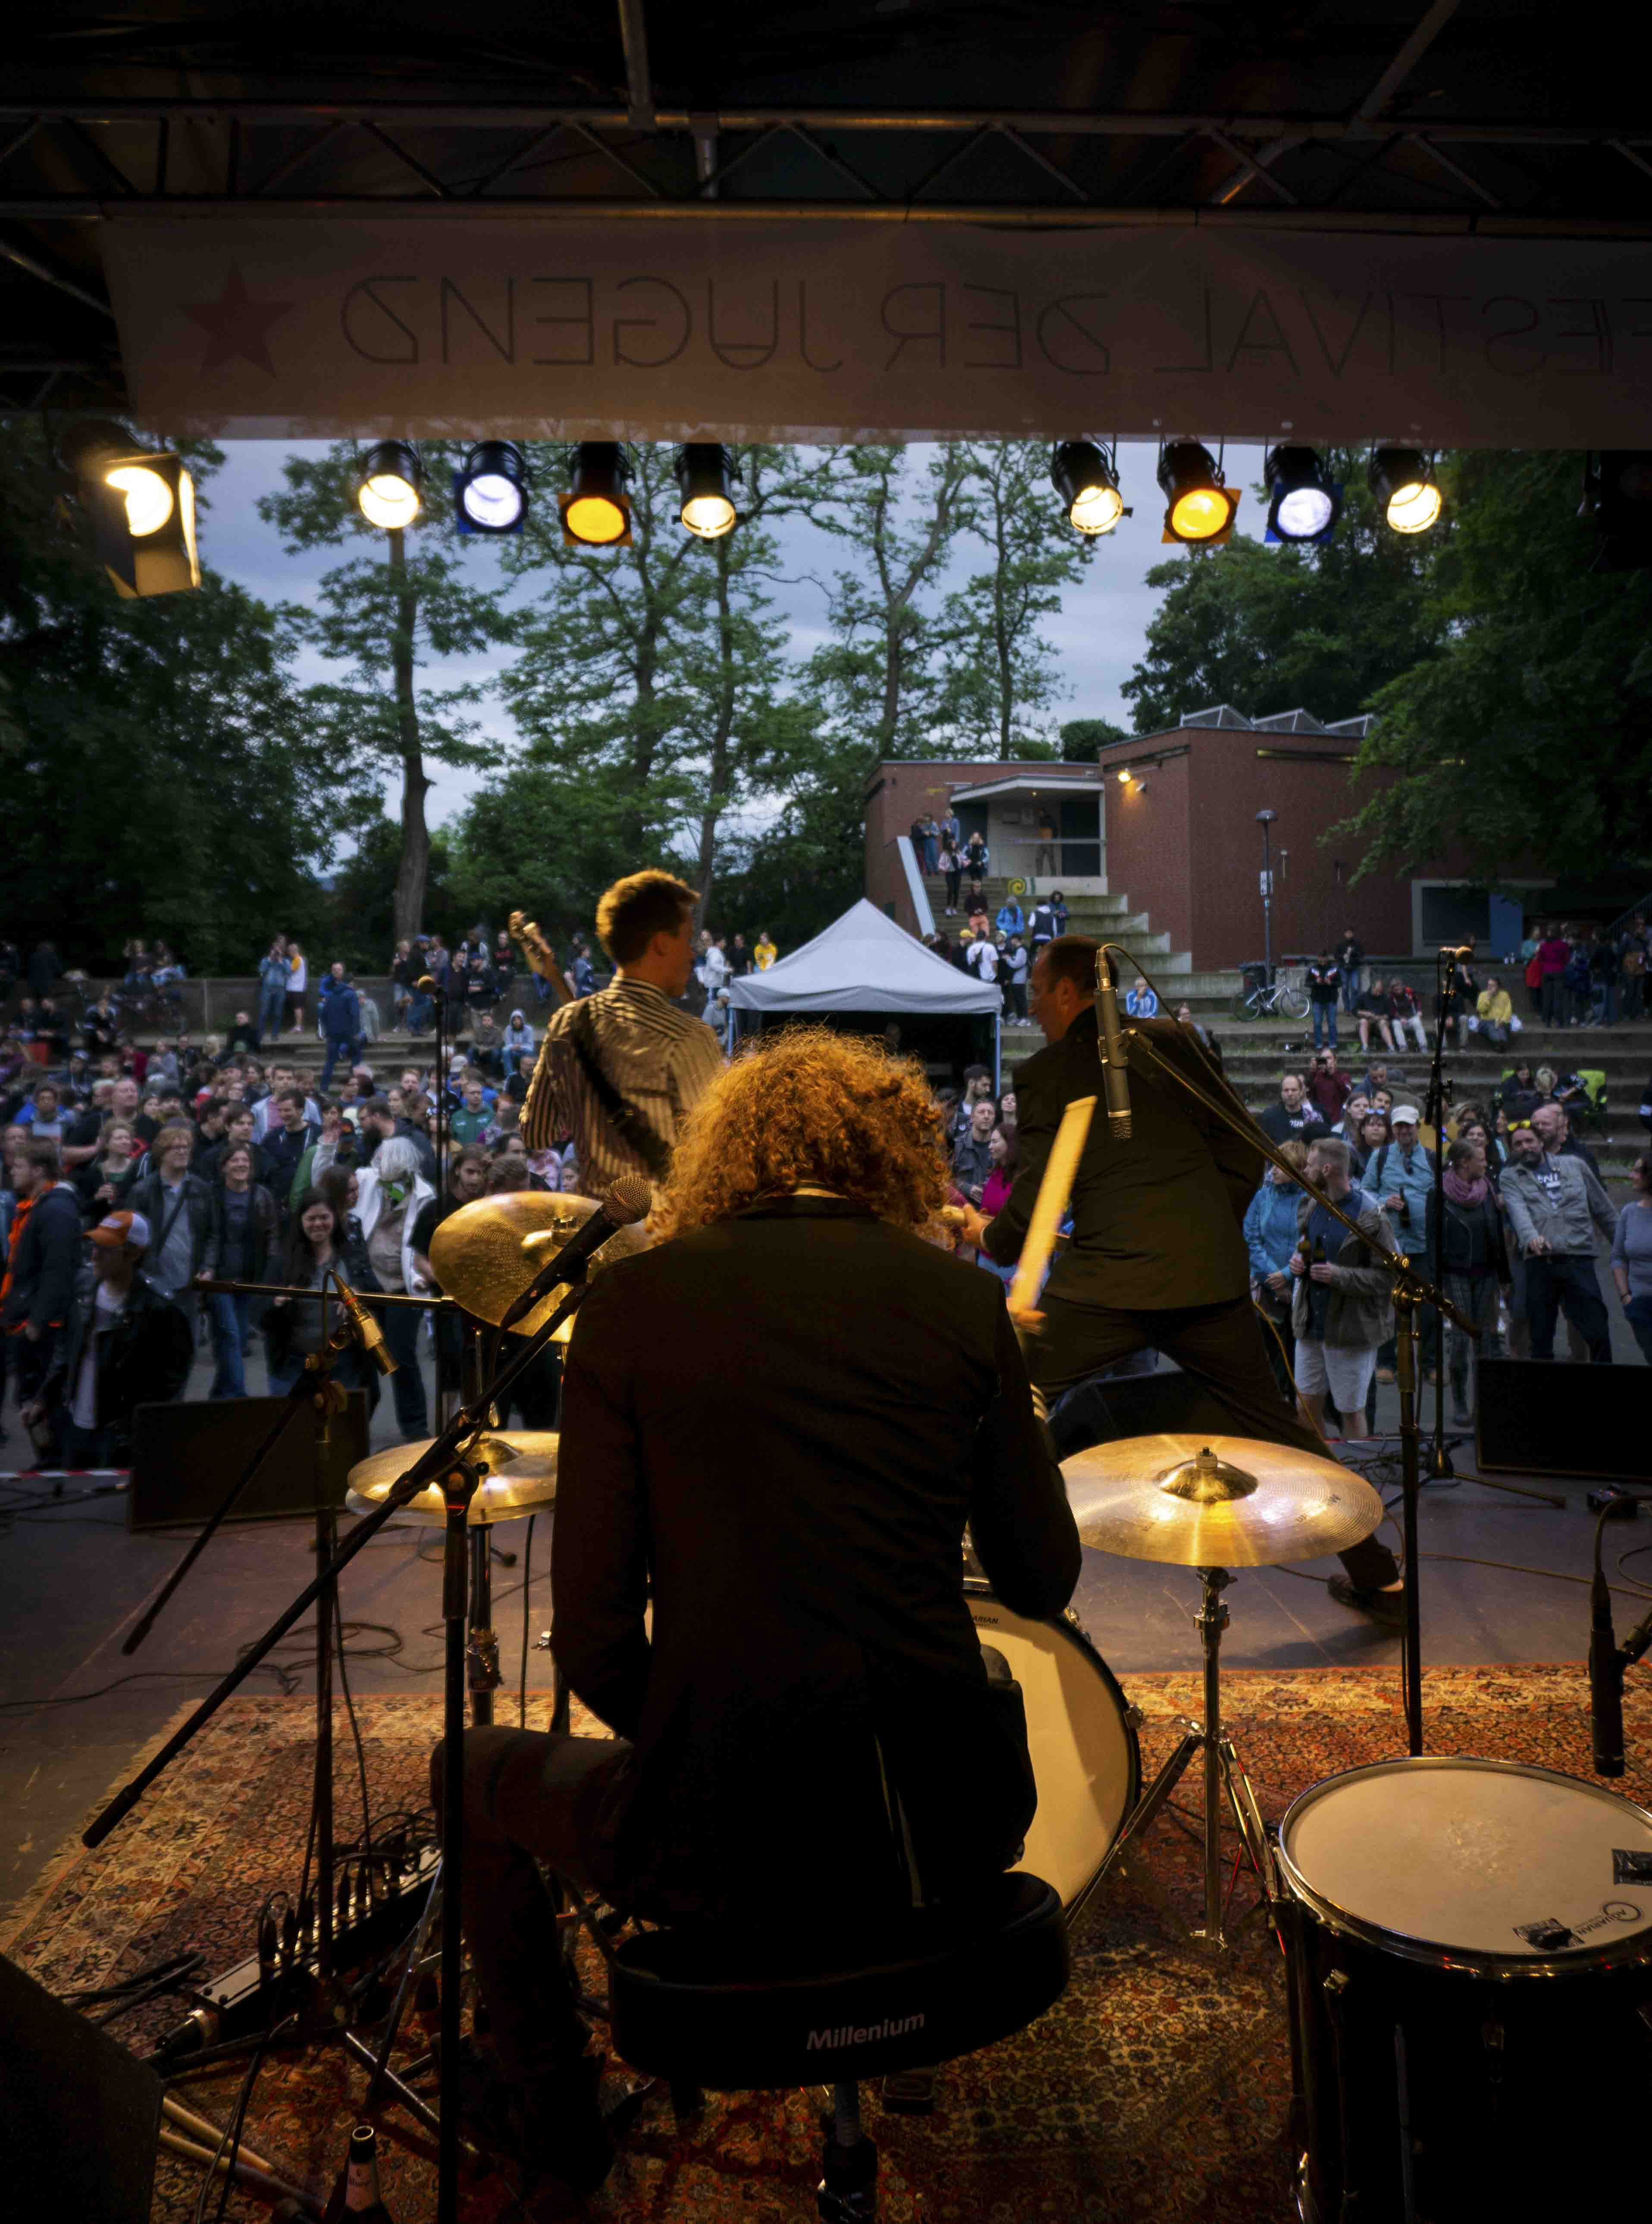 Zeit für Widerstand: Jugendfestival endet in Köln